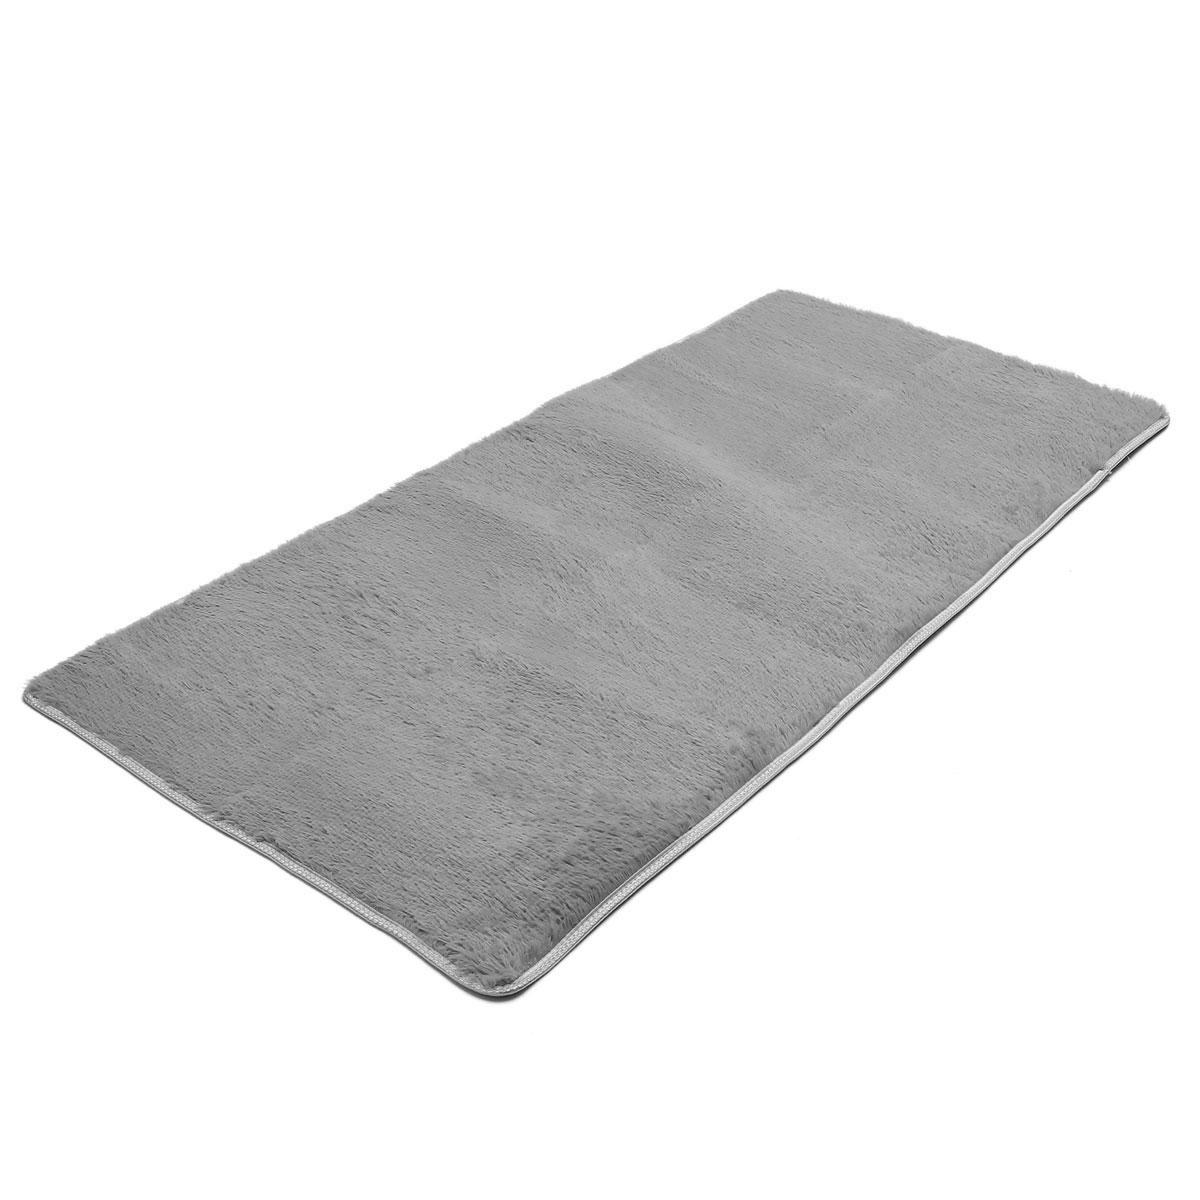 80x160 спальня гостиная мягкой лохматый Антипробуксовочная ковер коврик абсорбент